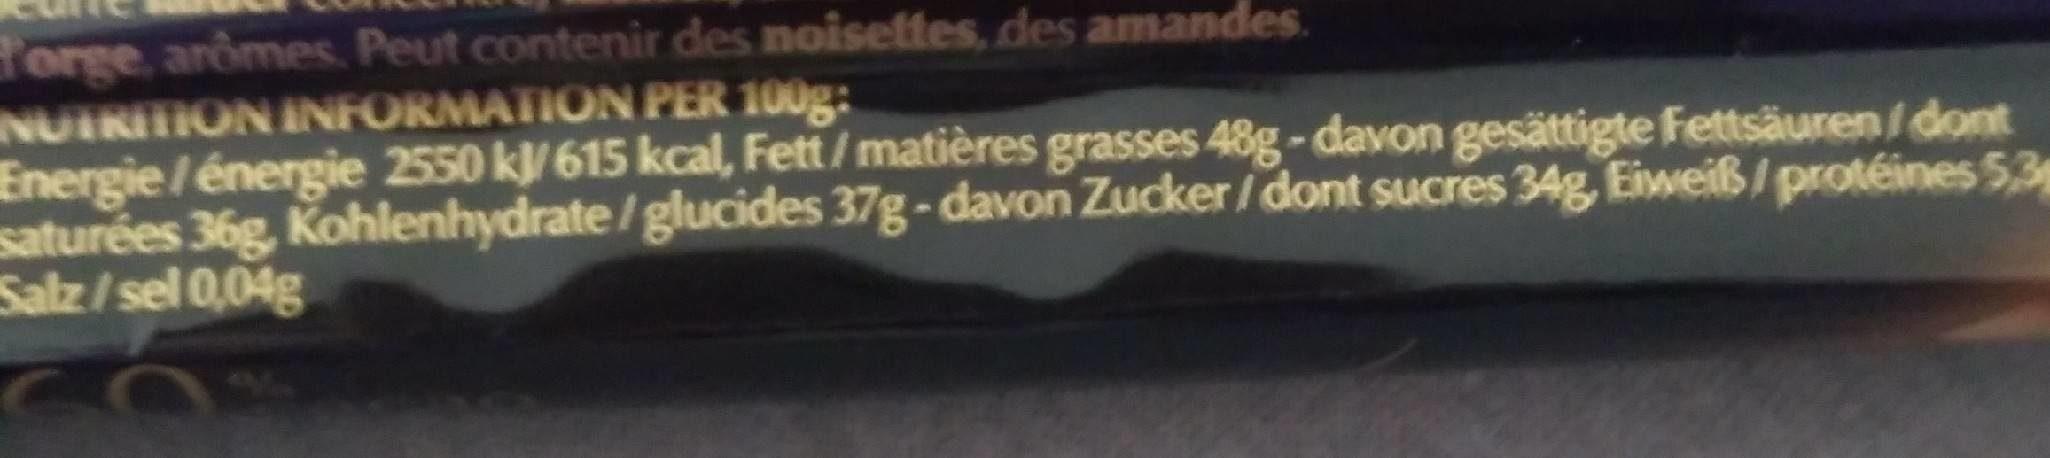 Lindor Extra Dunkel - Informations nutritionnelles - fr